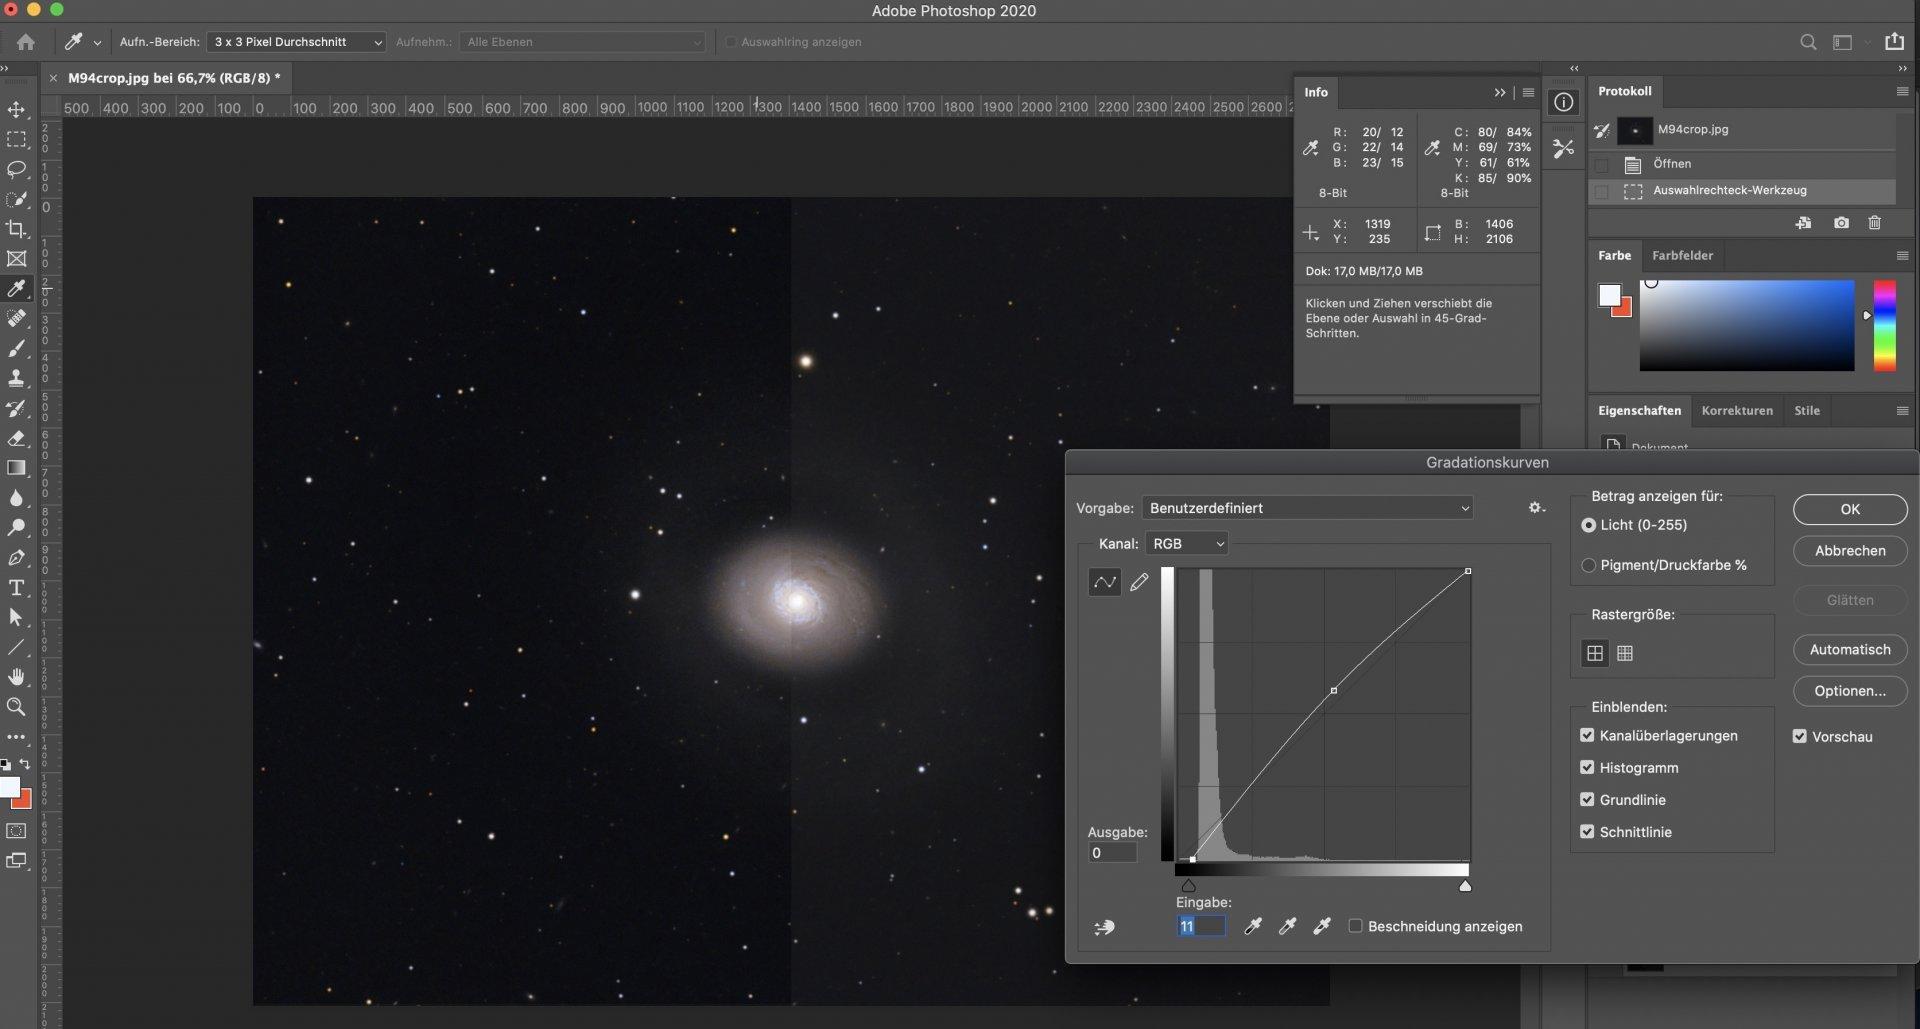 Bildschirmfoto 2020-04-29 um 19.44.12.jpg